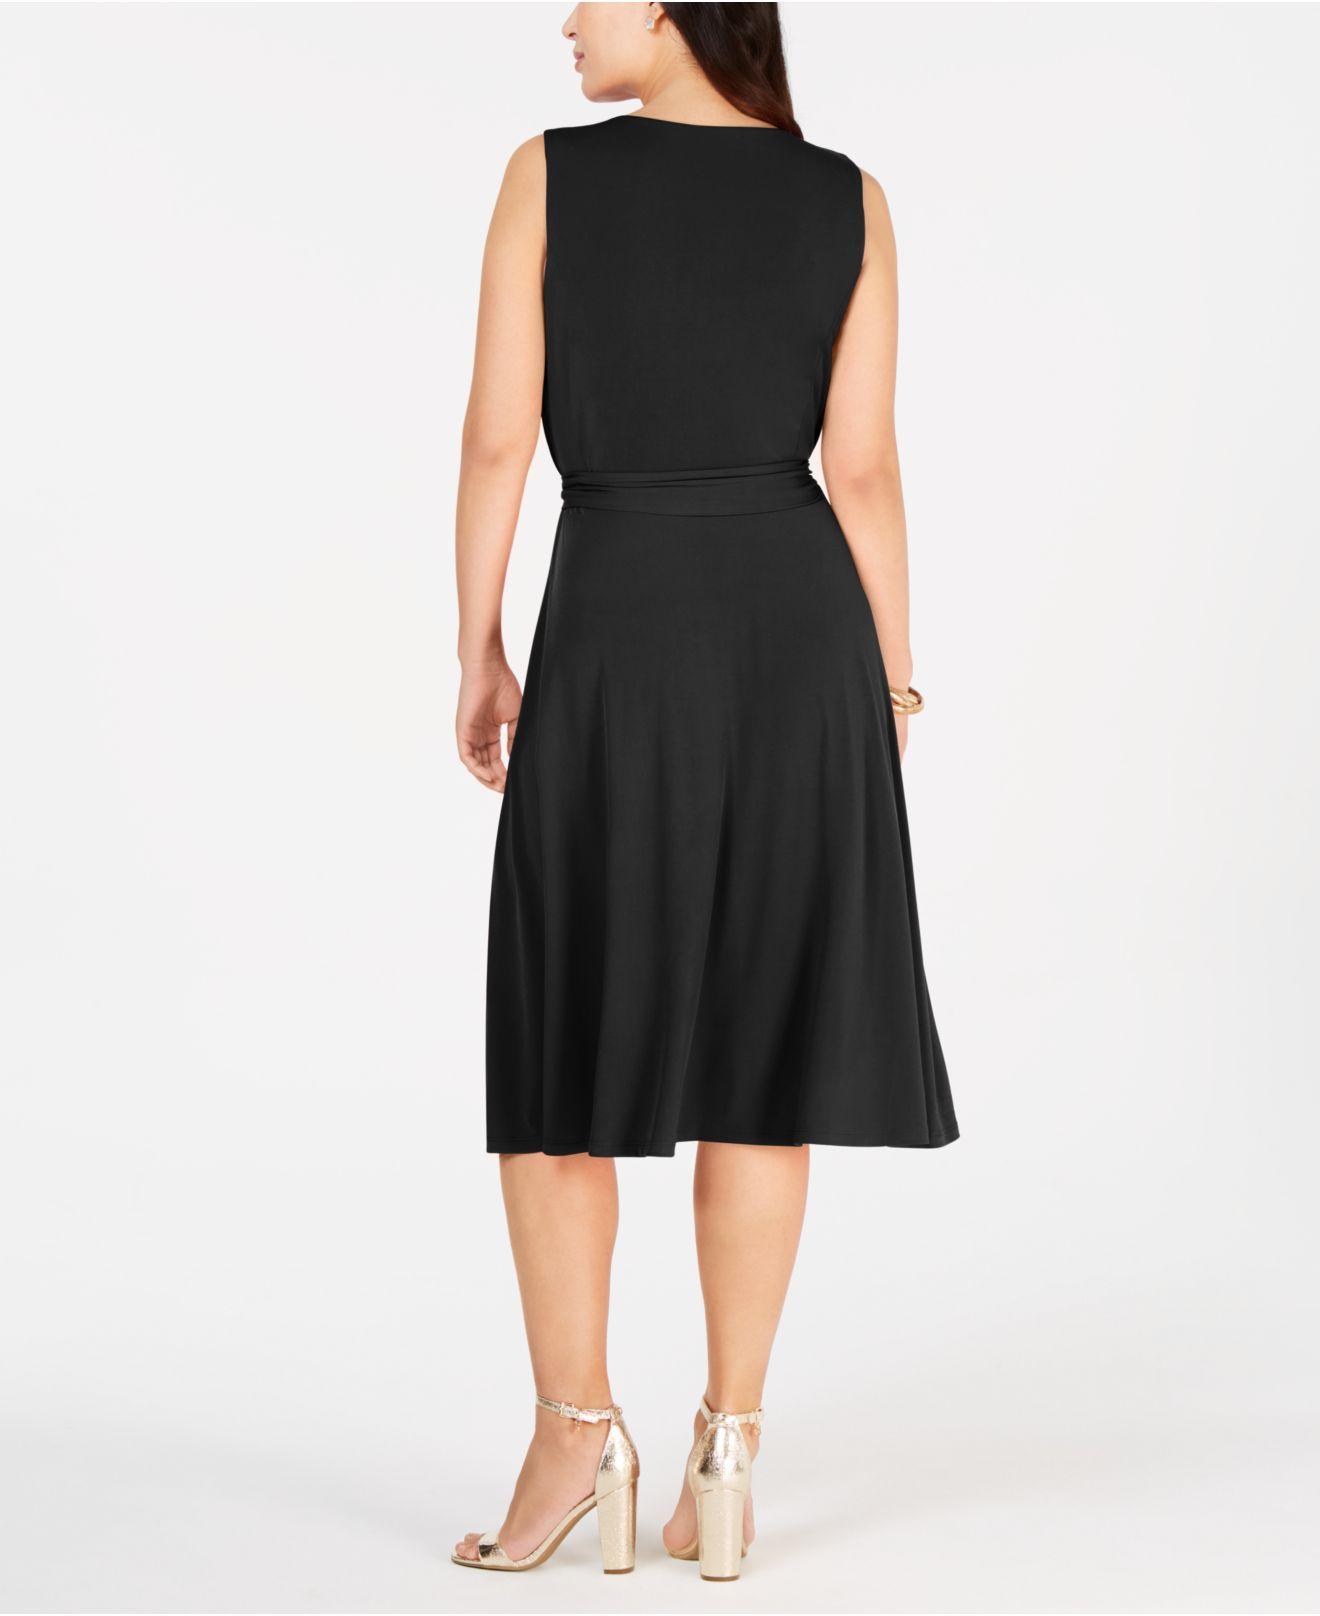 81a978f200 Lyst - Charter Club Tie-waist Midi Dress